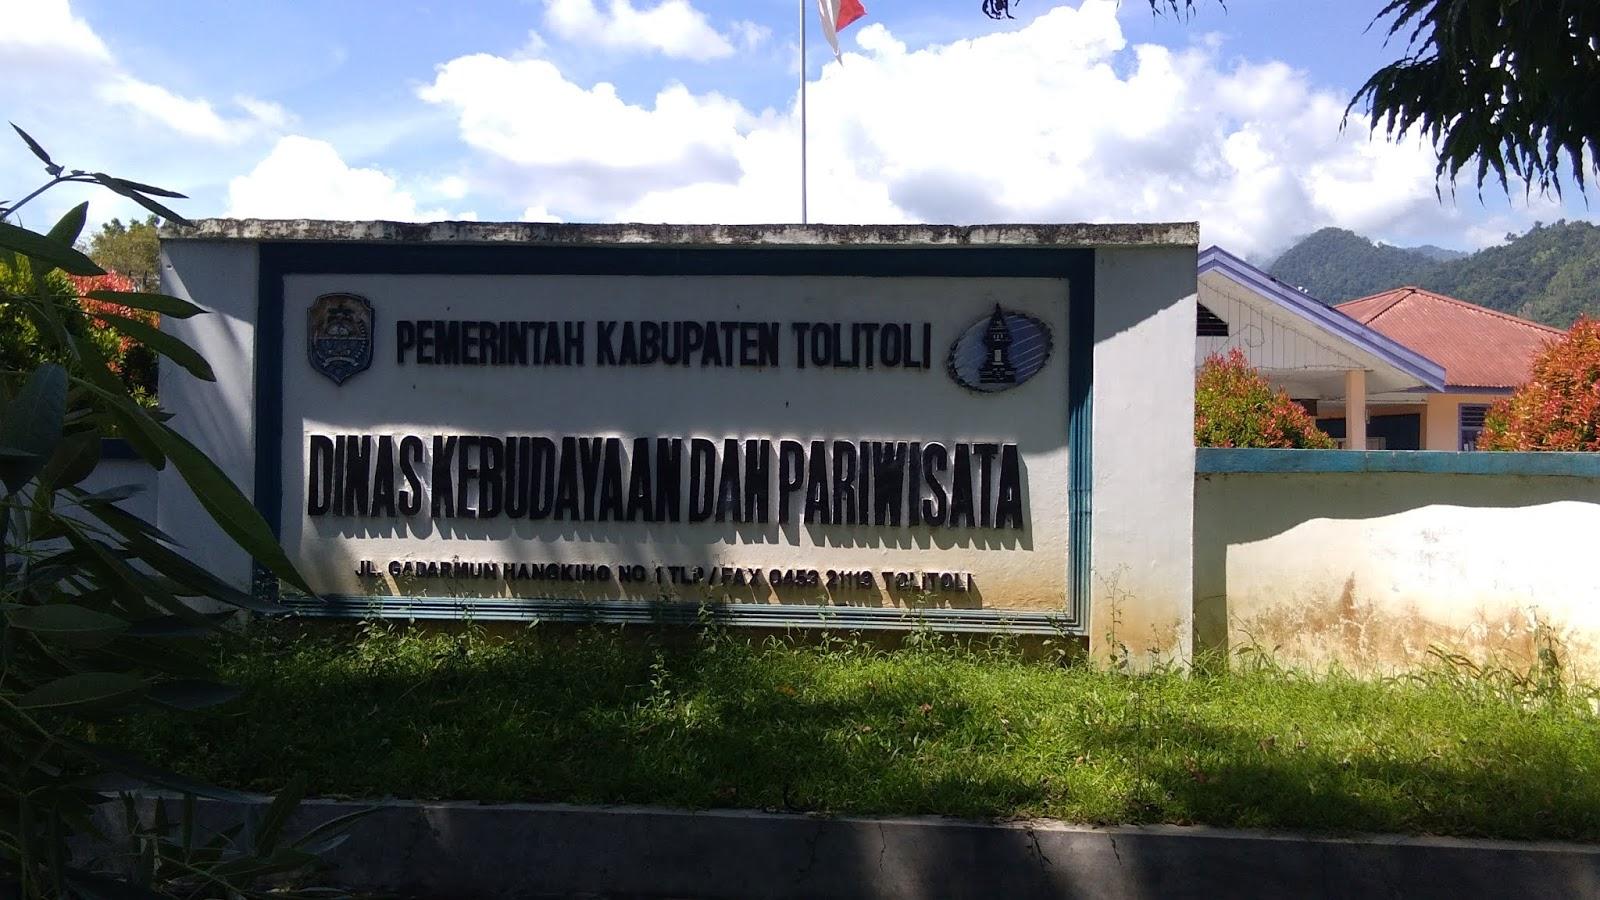 Tumbuhkan Minat Kids Jaman Now. Dinas Pariwisata Kabupaten Tolitoli Kembangkan Musik Kreasi